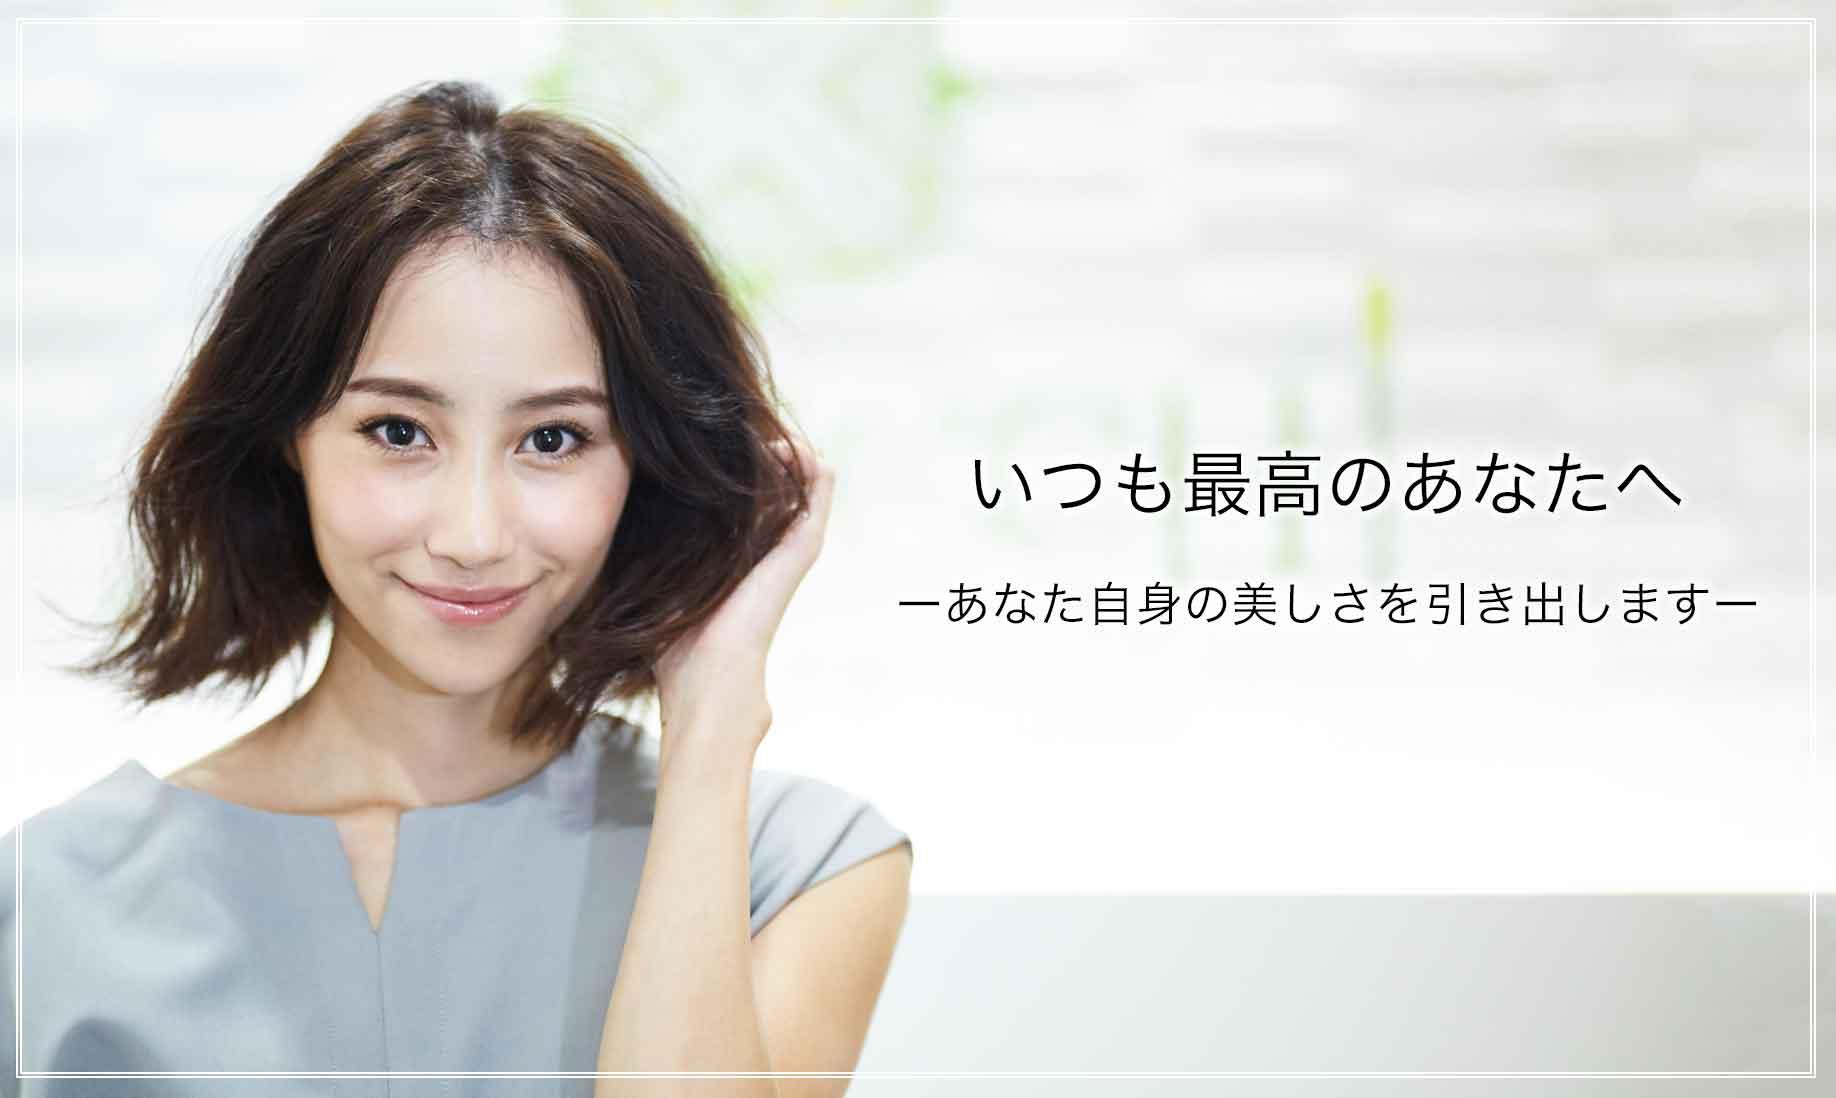 美容鍼灸・美容鍼の銀座ハリッチ